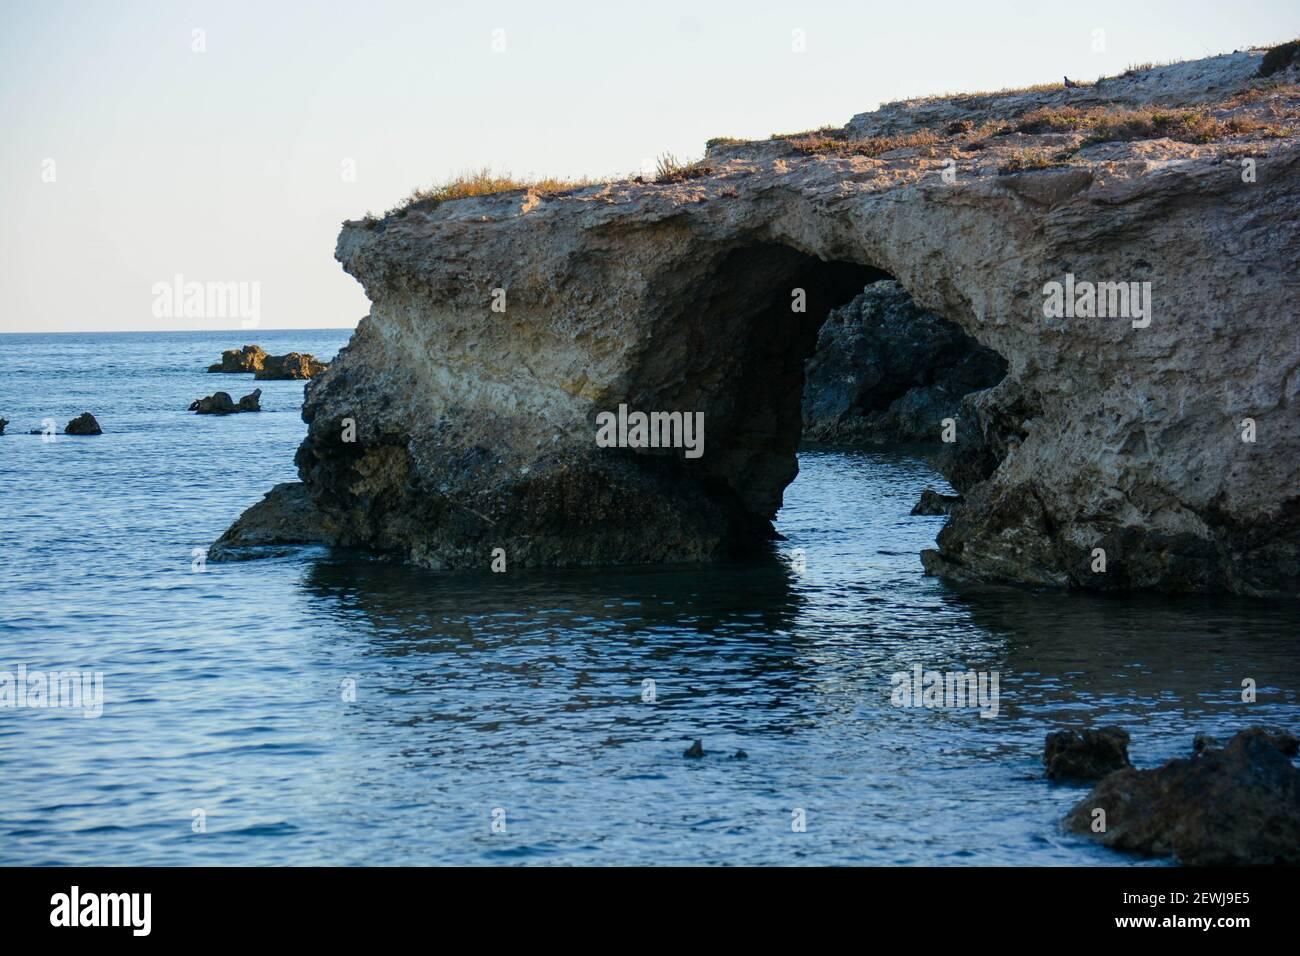 Sicile - bout des fourmis : vue sur quelques grottes et promontoires sculptés par la mer et le vent. Banque D'Images